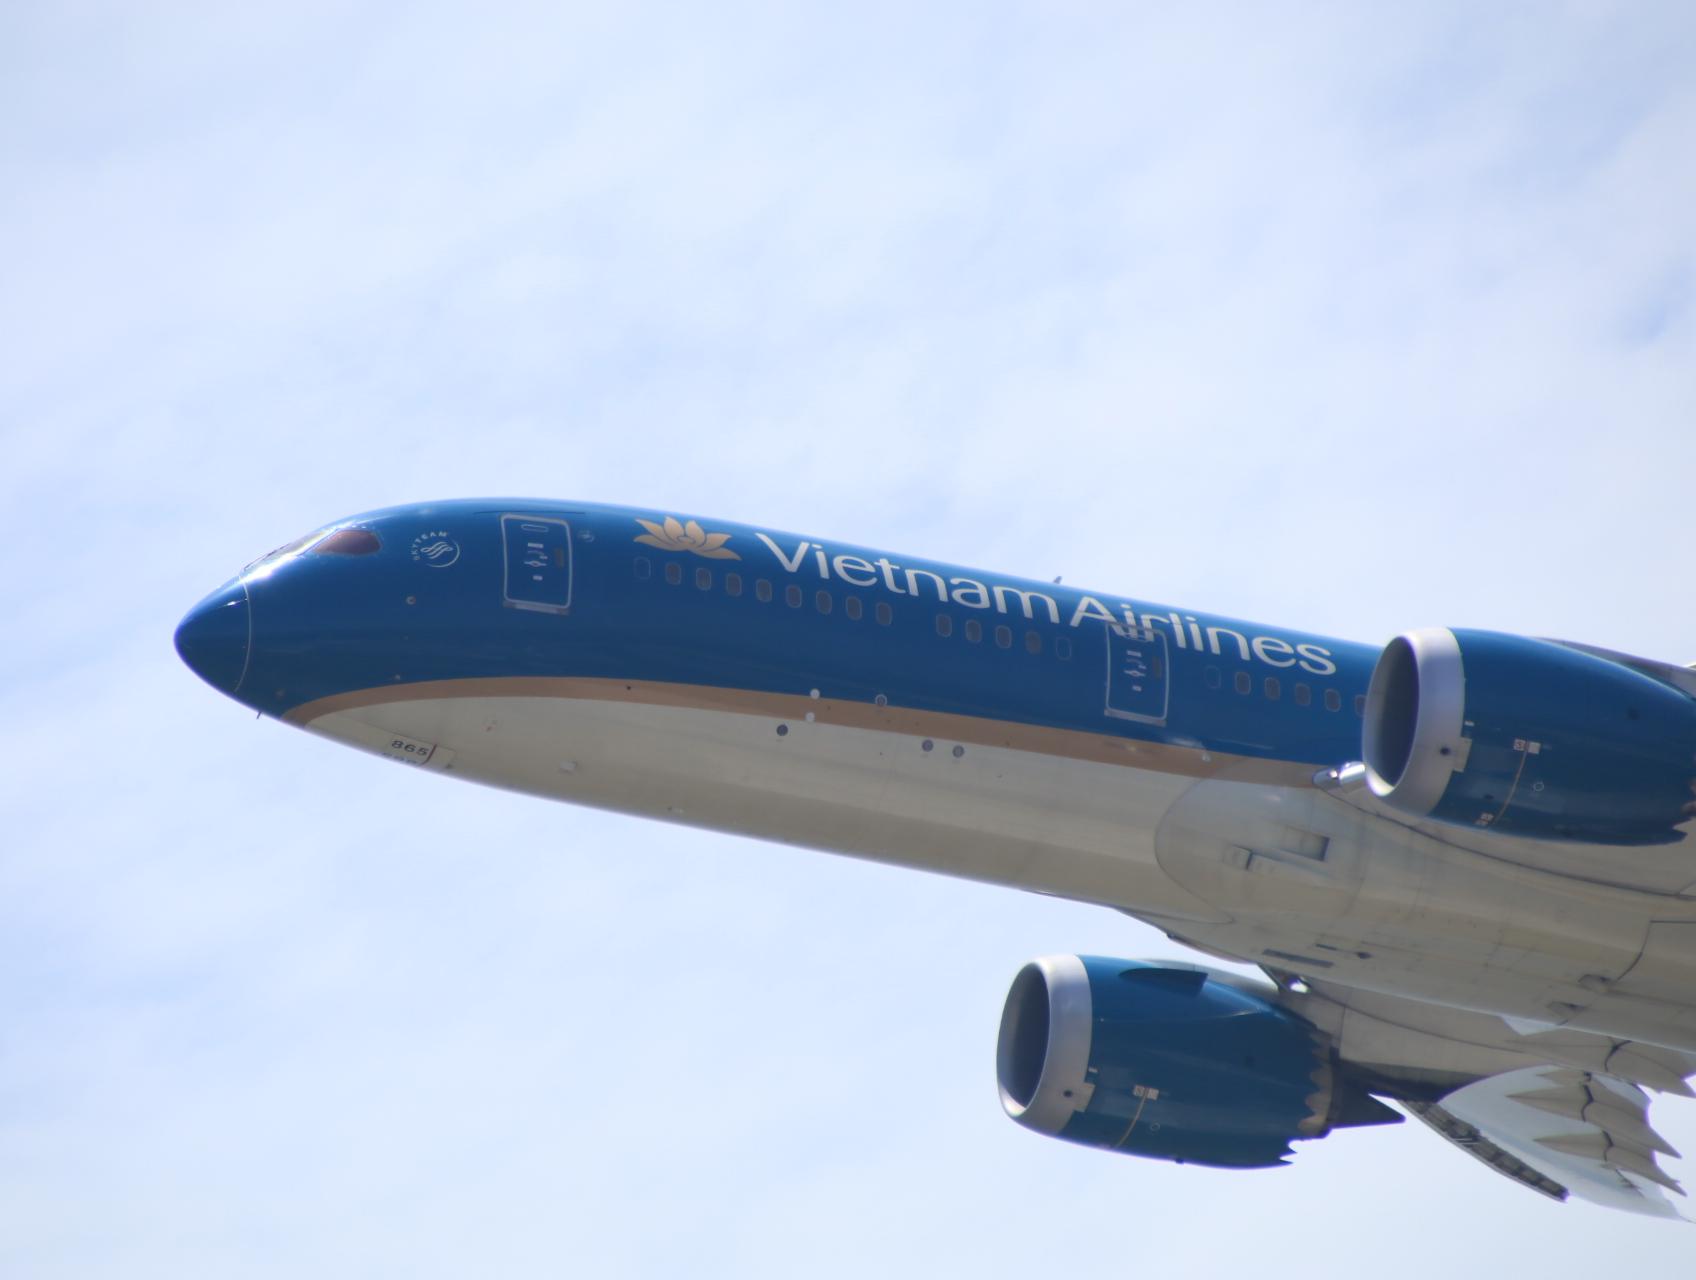 2018年 関空KIXレポート ベトナム航空B787-9 _d0202264_16505948.jpg